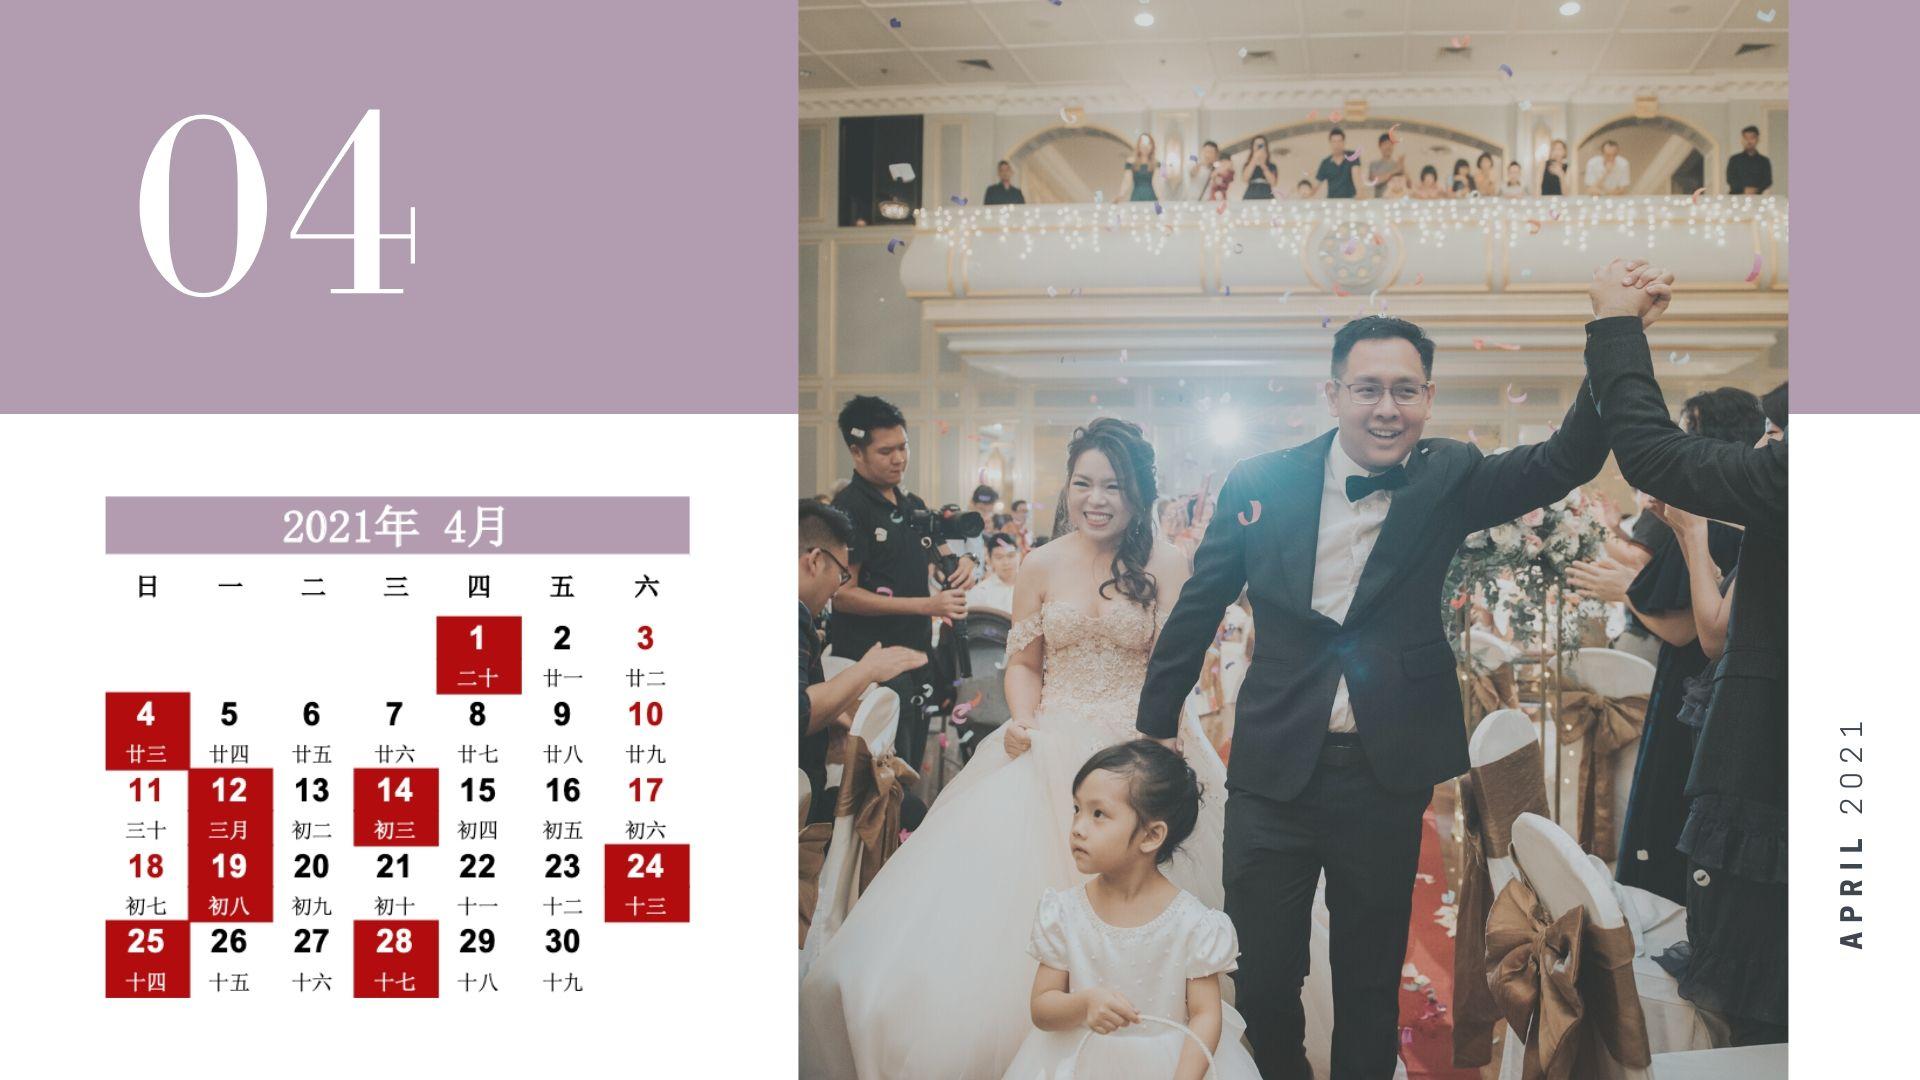 Auspicious Wedding Dates in 2021